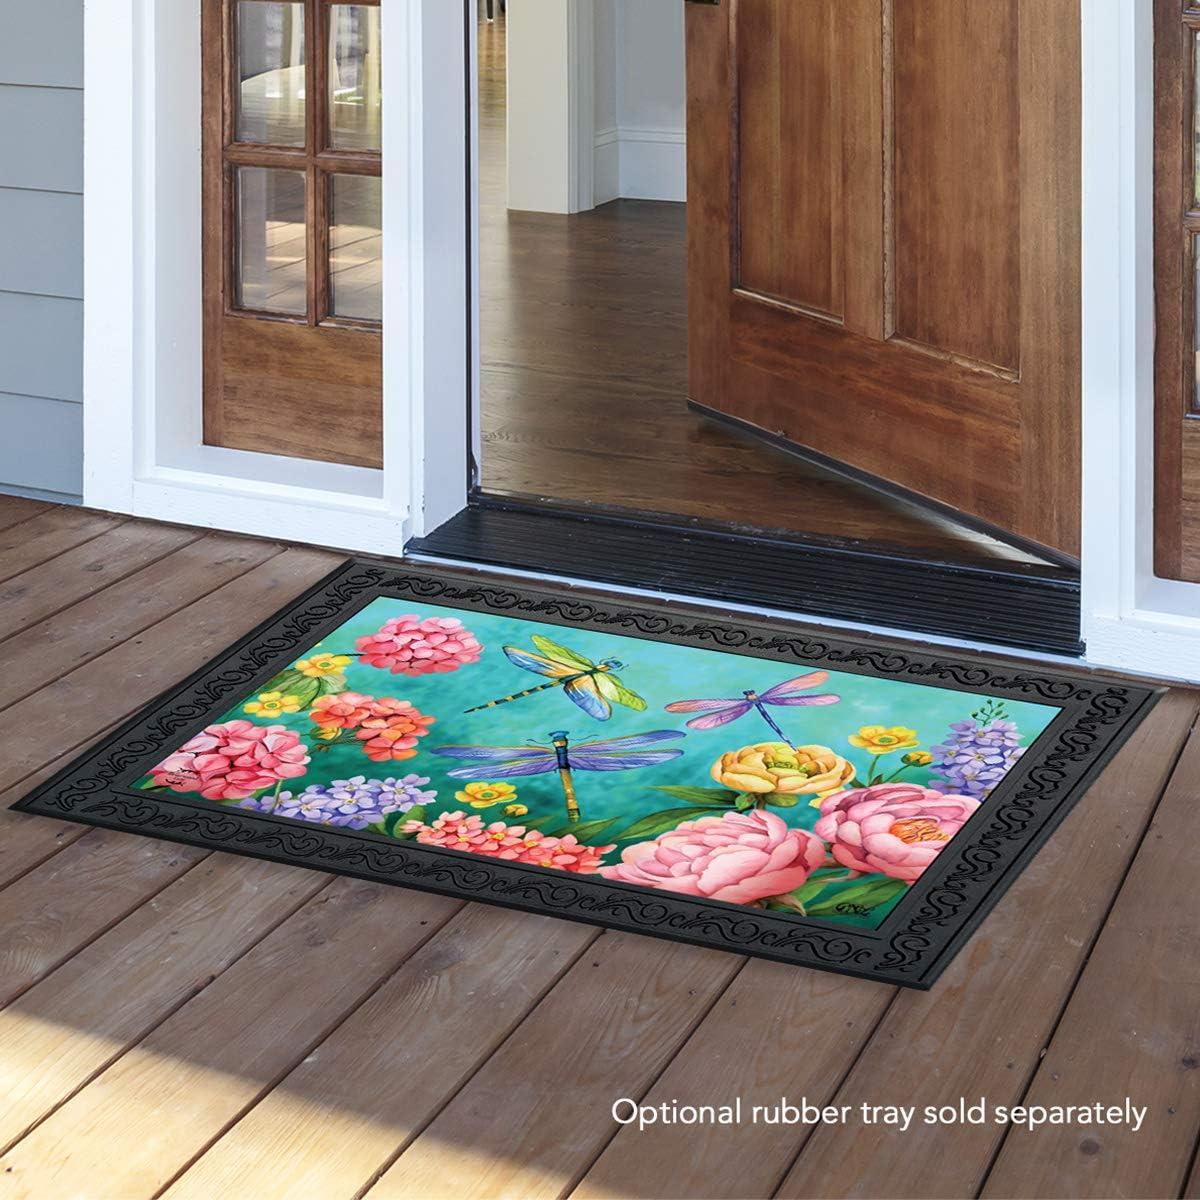 Briarwood Lane Dragonfly Garden Spring Doormat Indoor Outdoor 18 x 30